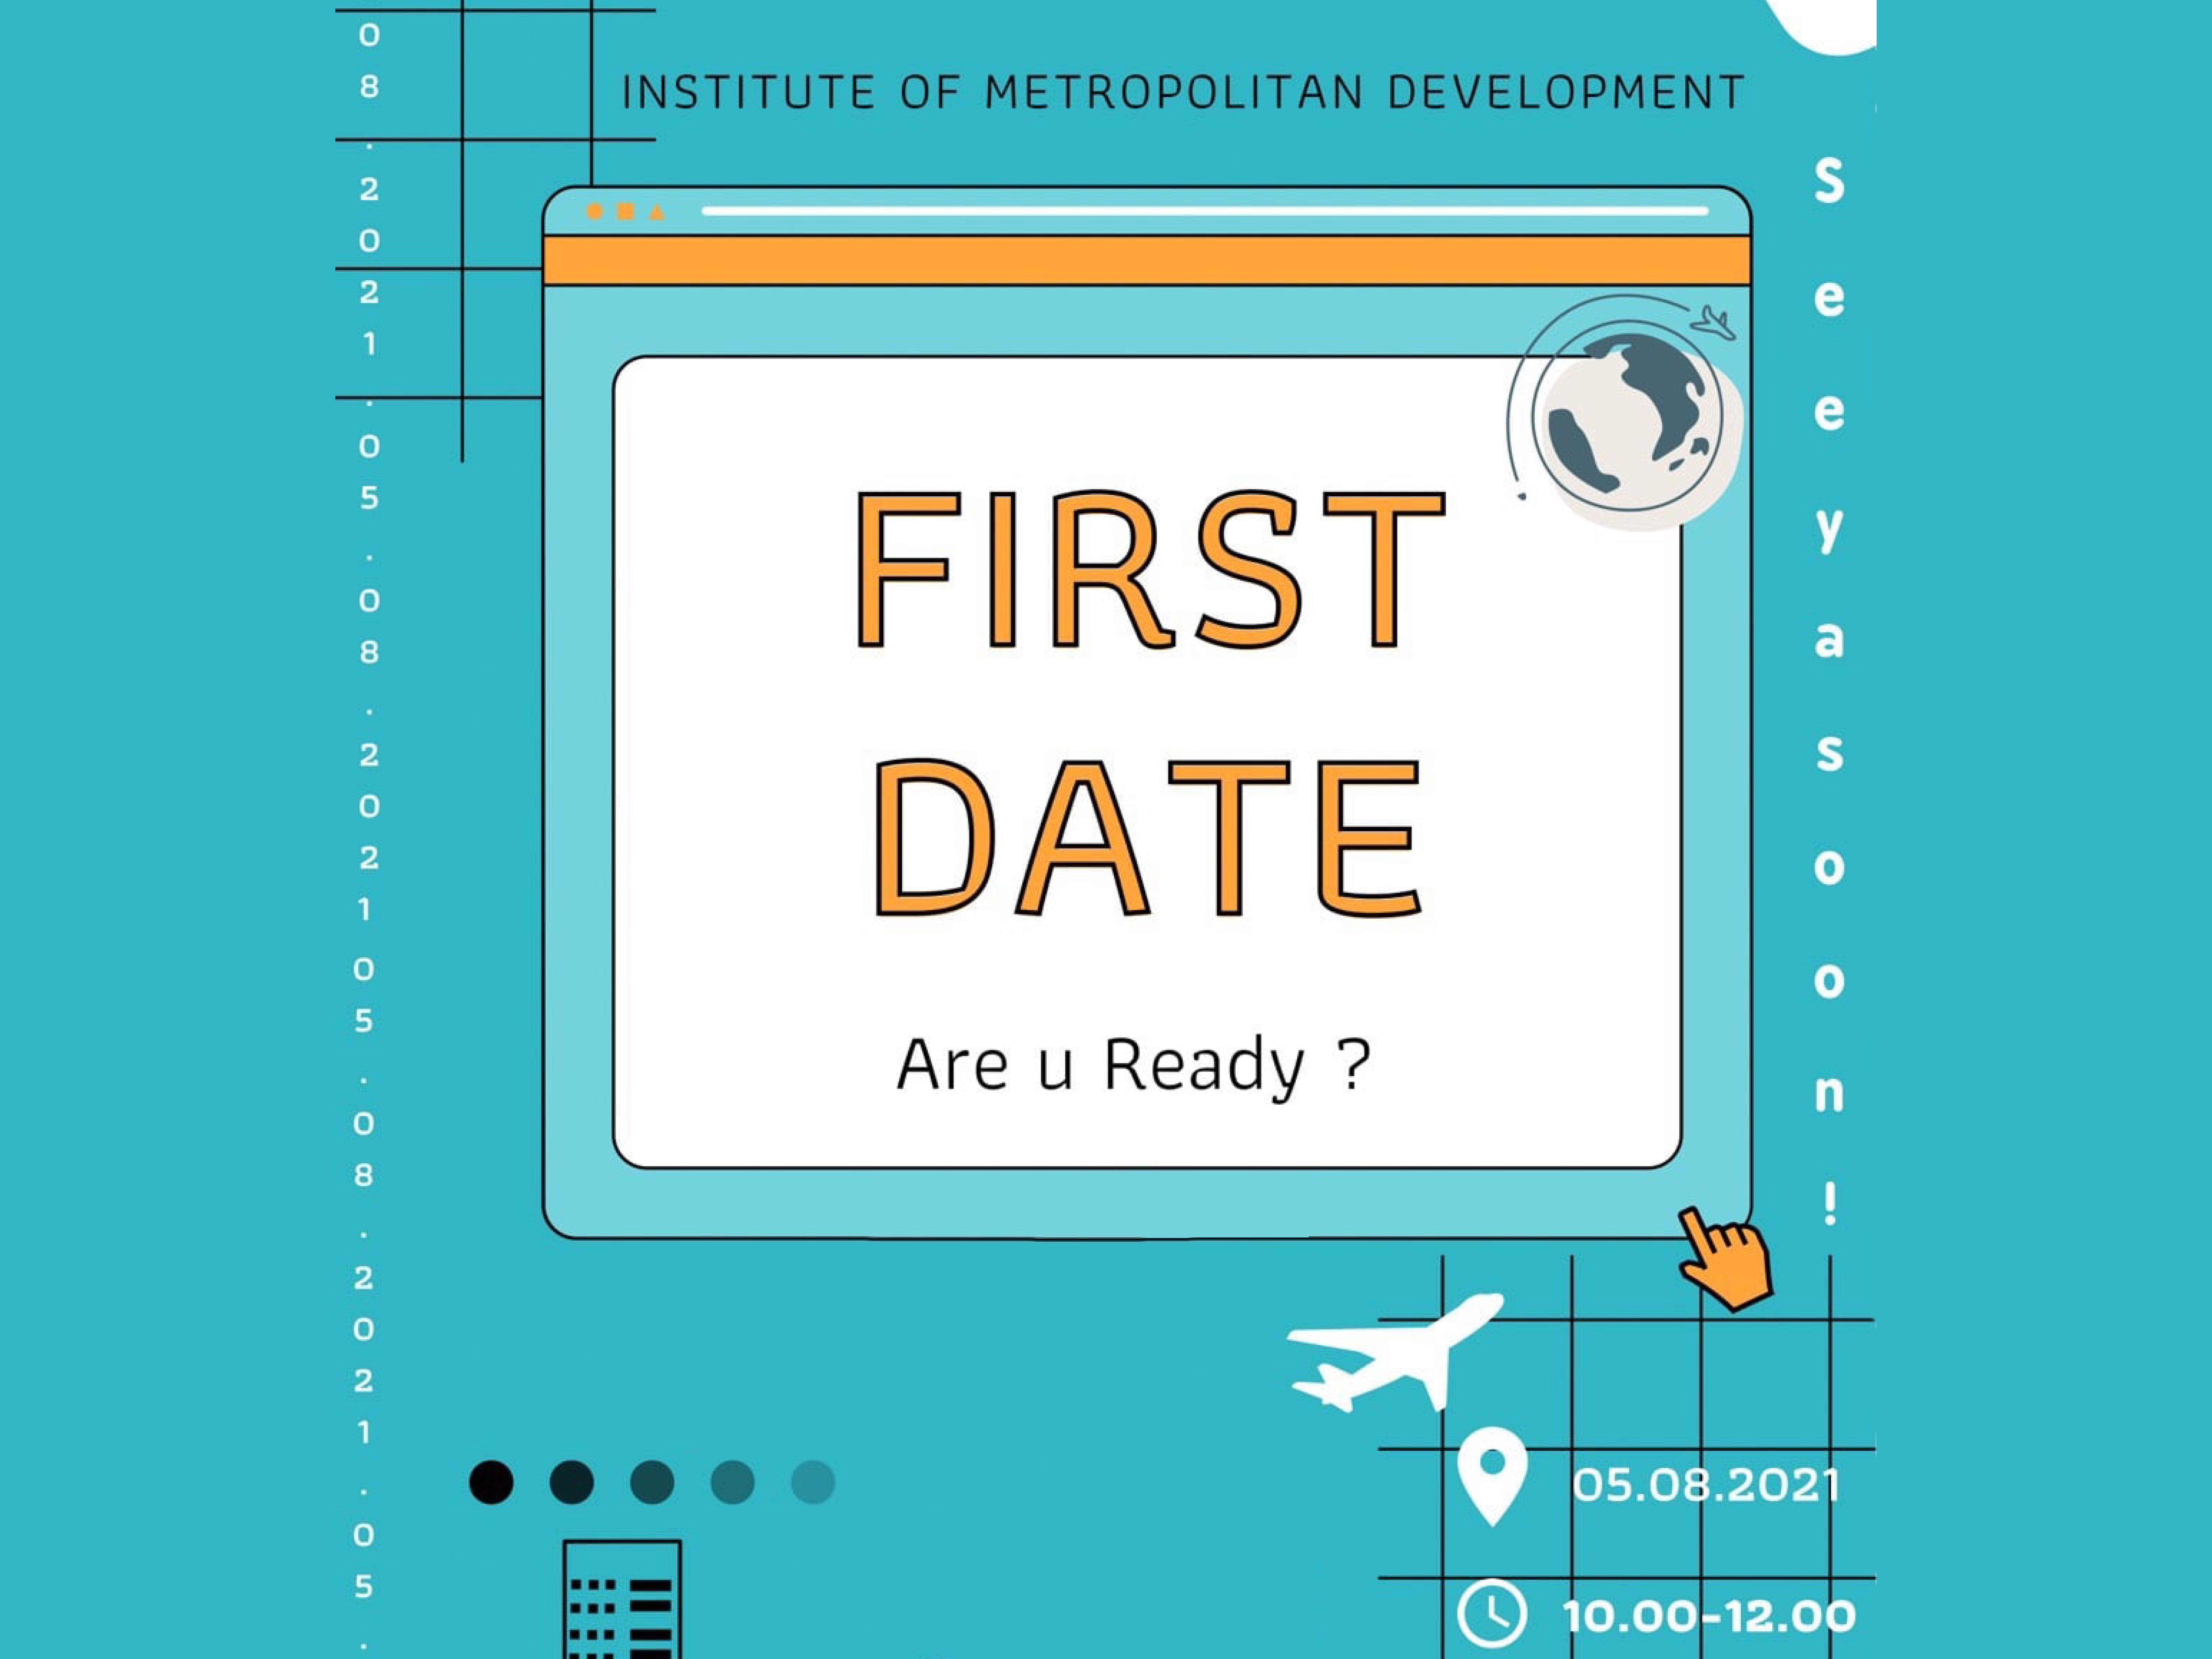 """กิจกรรมต้อนรับนักศึกษาใหม่ """"IMD First Date"""" สู่รั้ววิทยาลัยพัฒนามหานคร"""